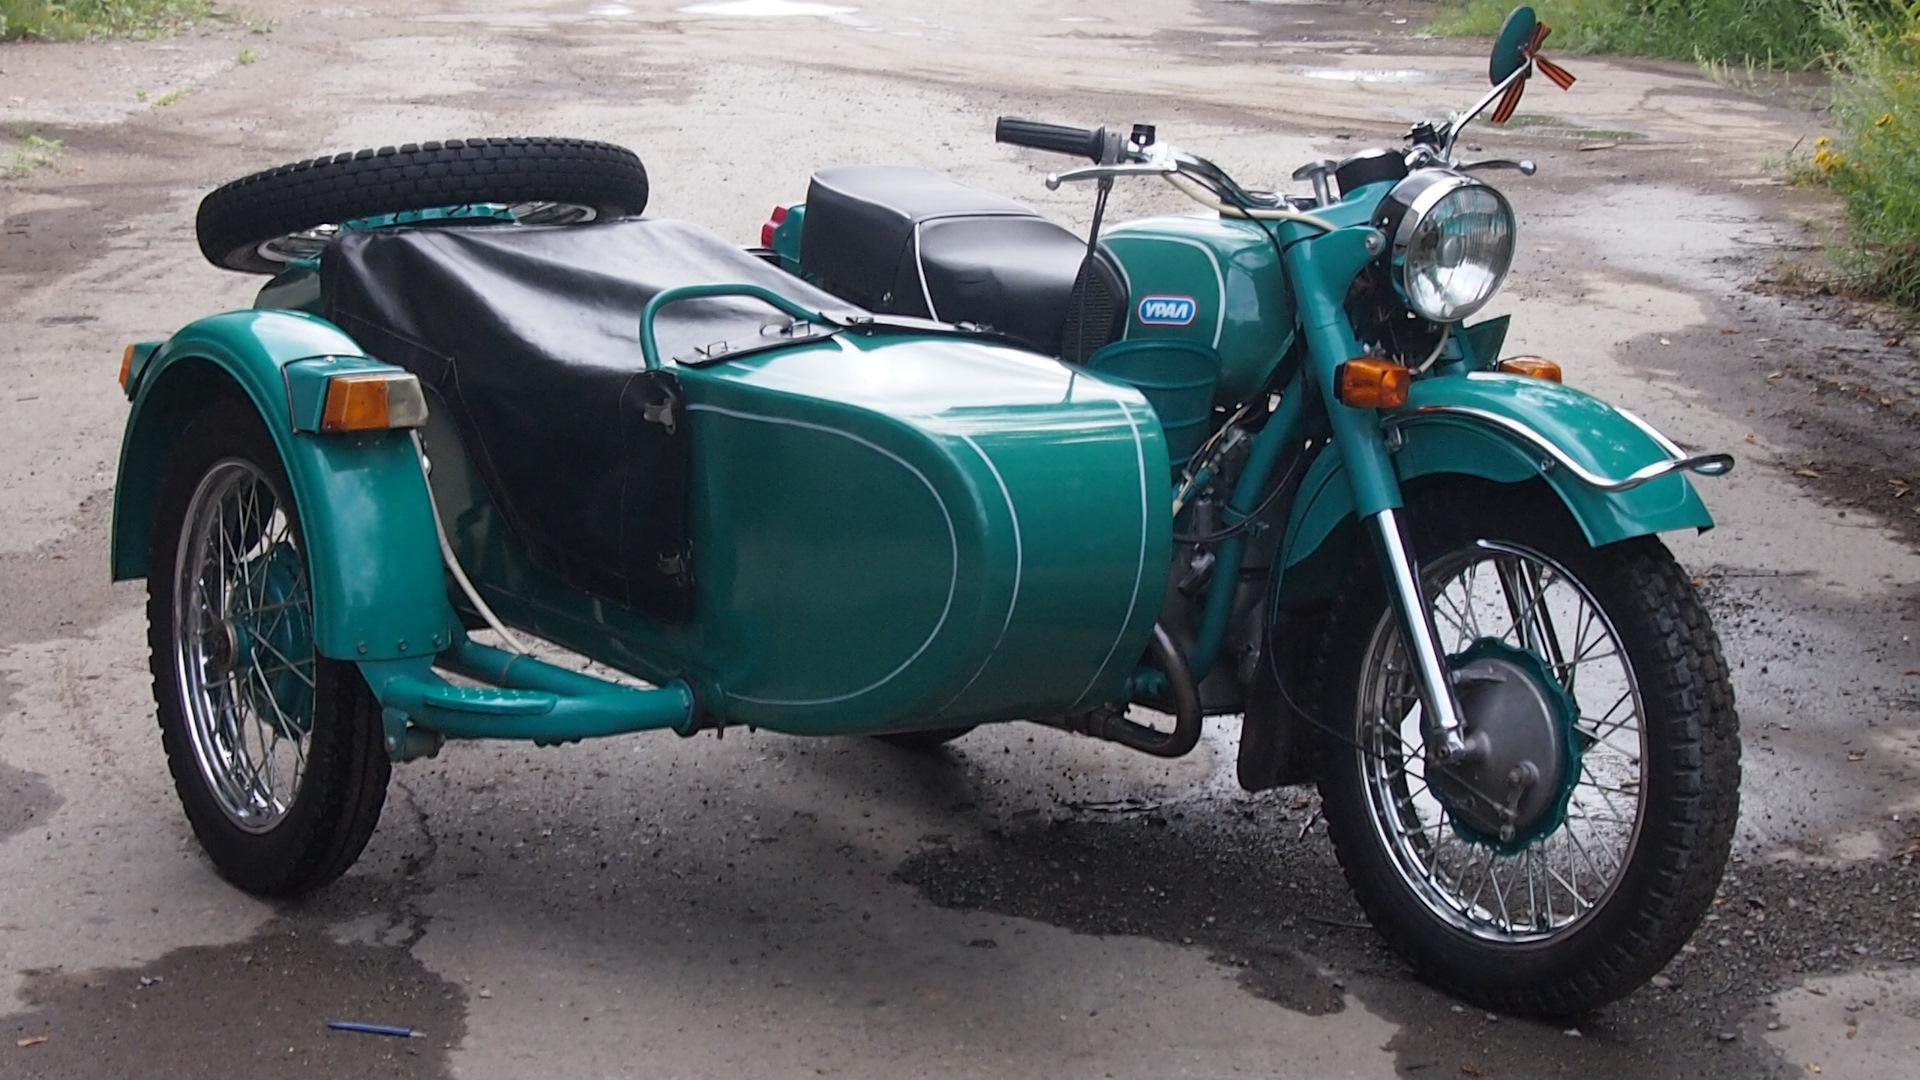 Урал М 67 36 — самый популярный мотоцикл СССР